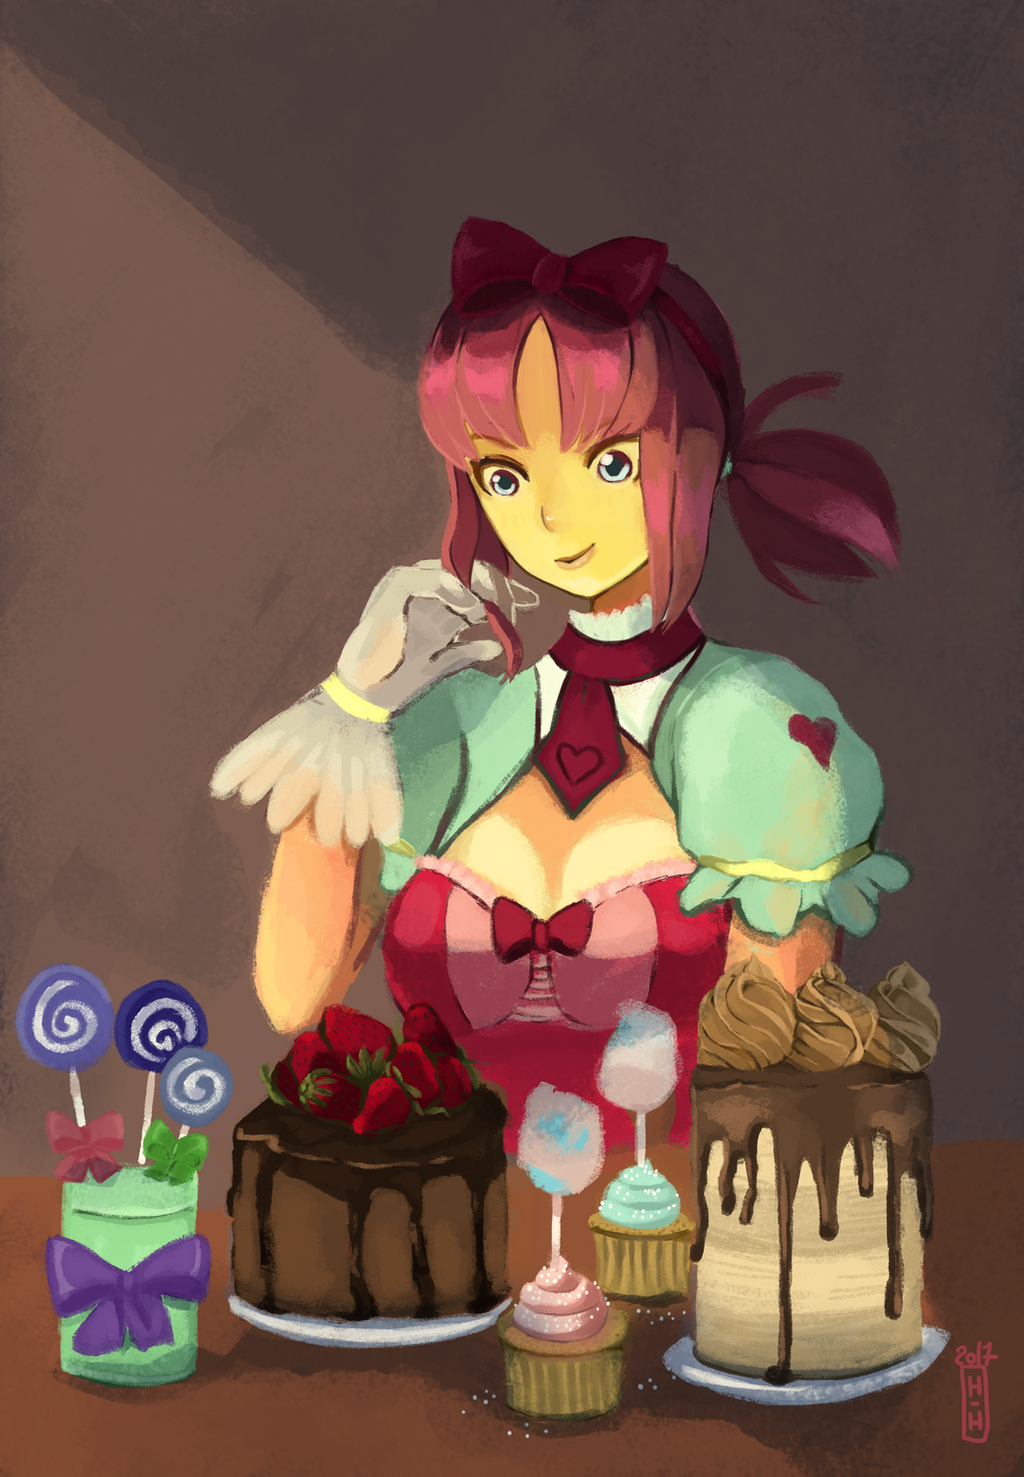 Candy Fanart by hiromihana